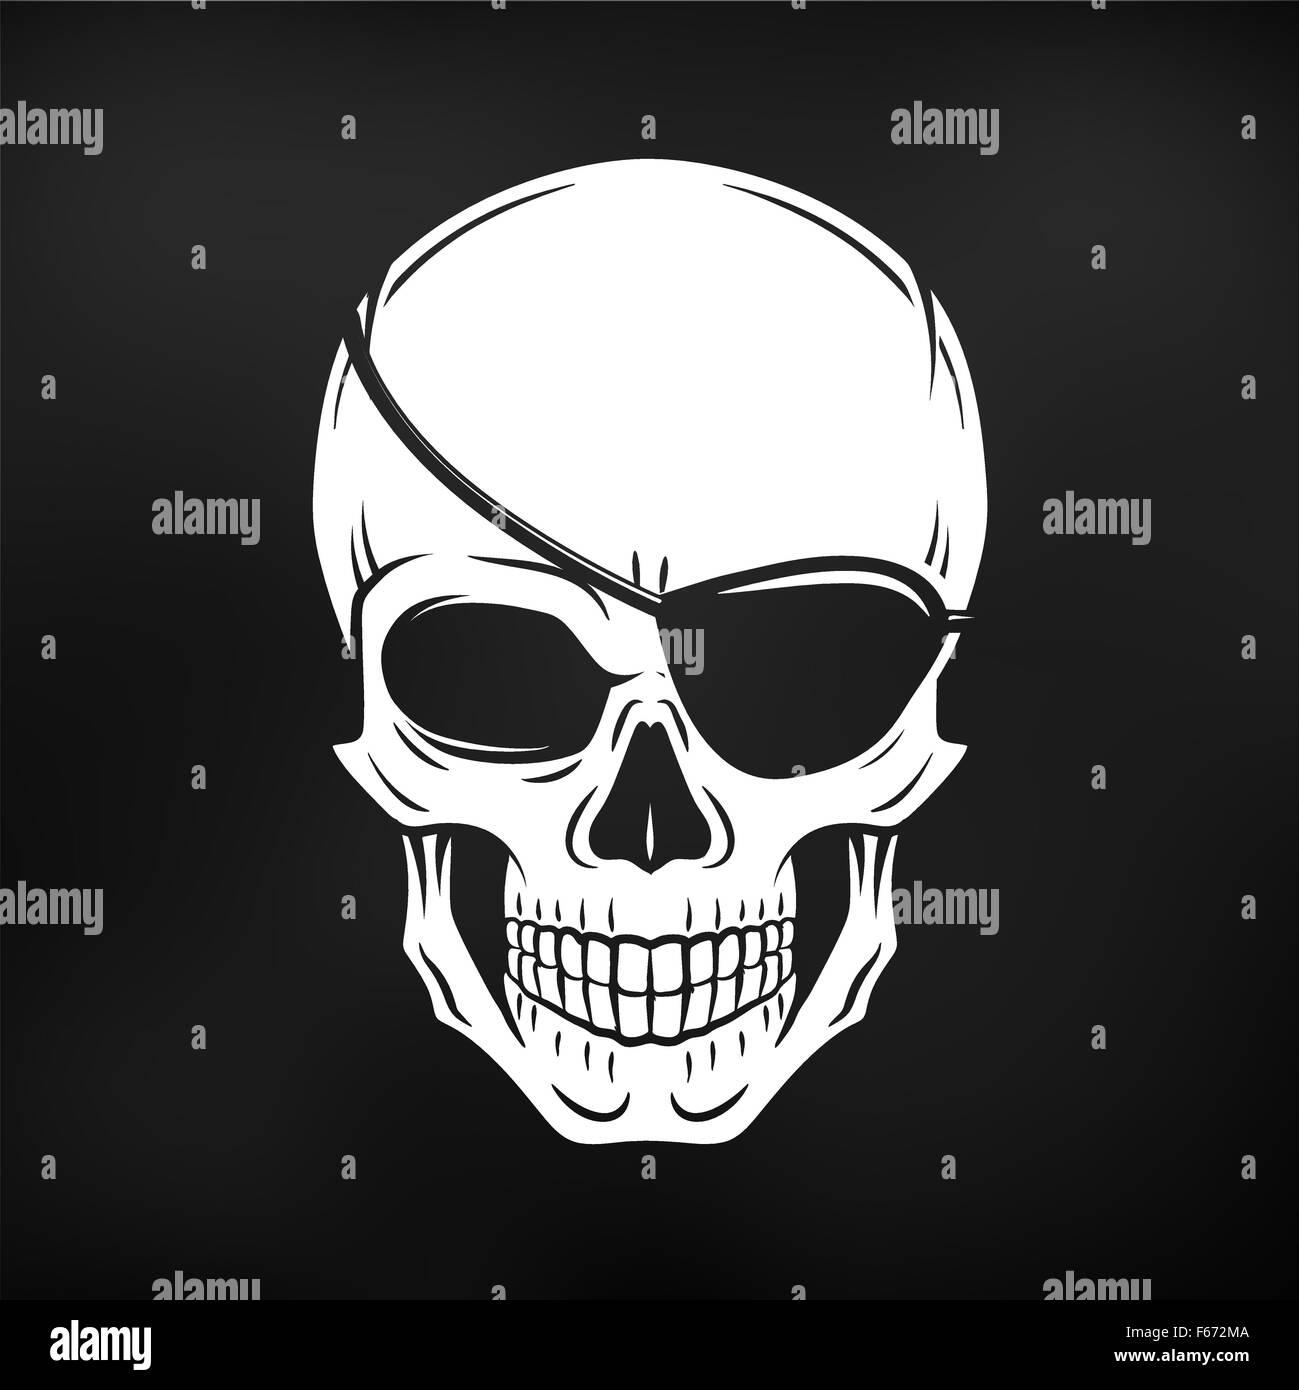 Design t shirt skull - Jolly Roger With Eyepatch Logo Template Evil Skull Vector Dark T Shirt Design